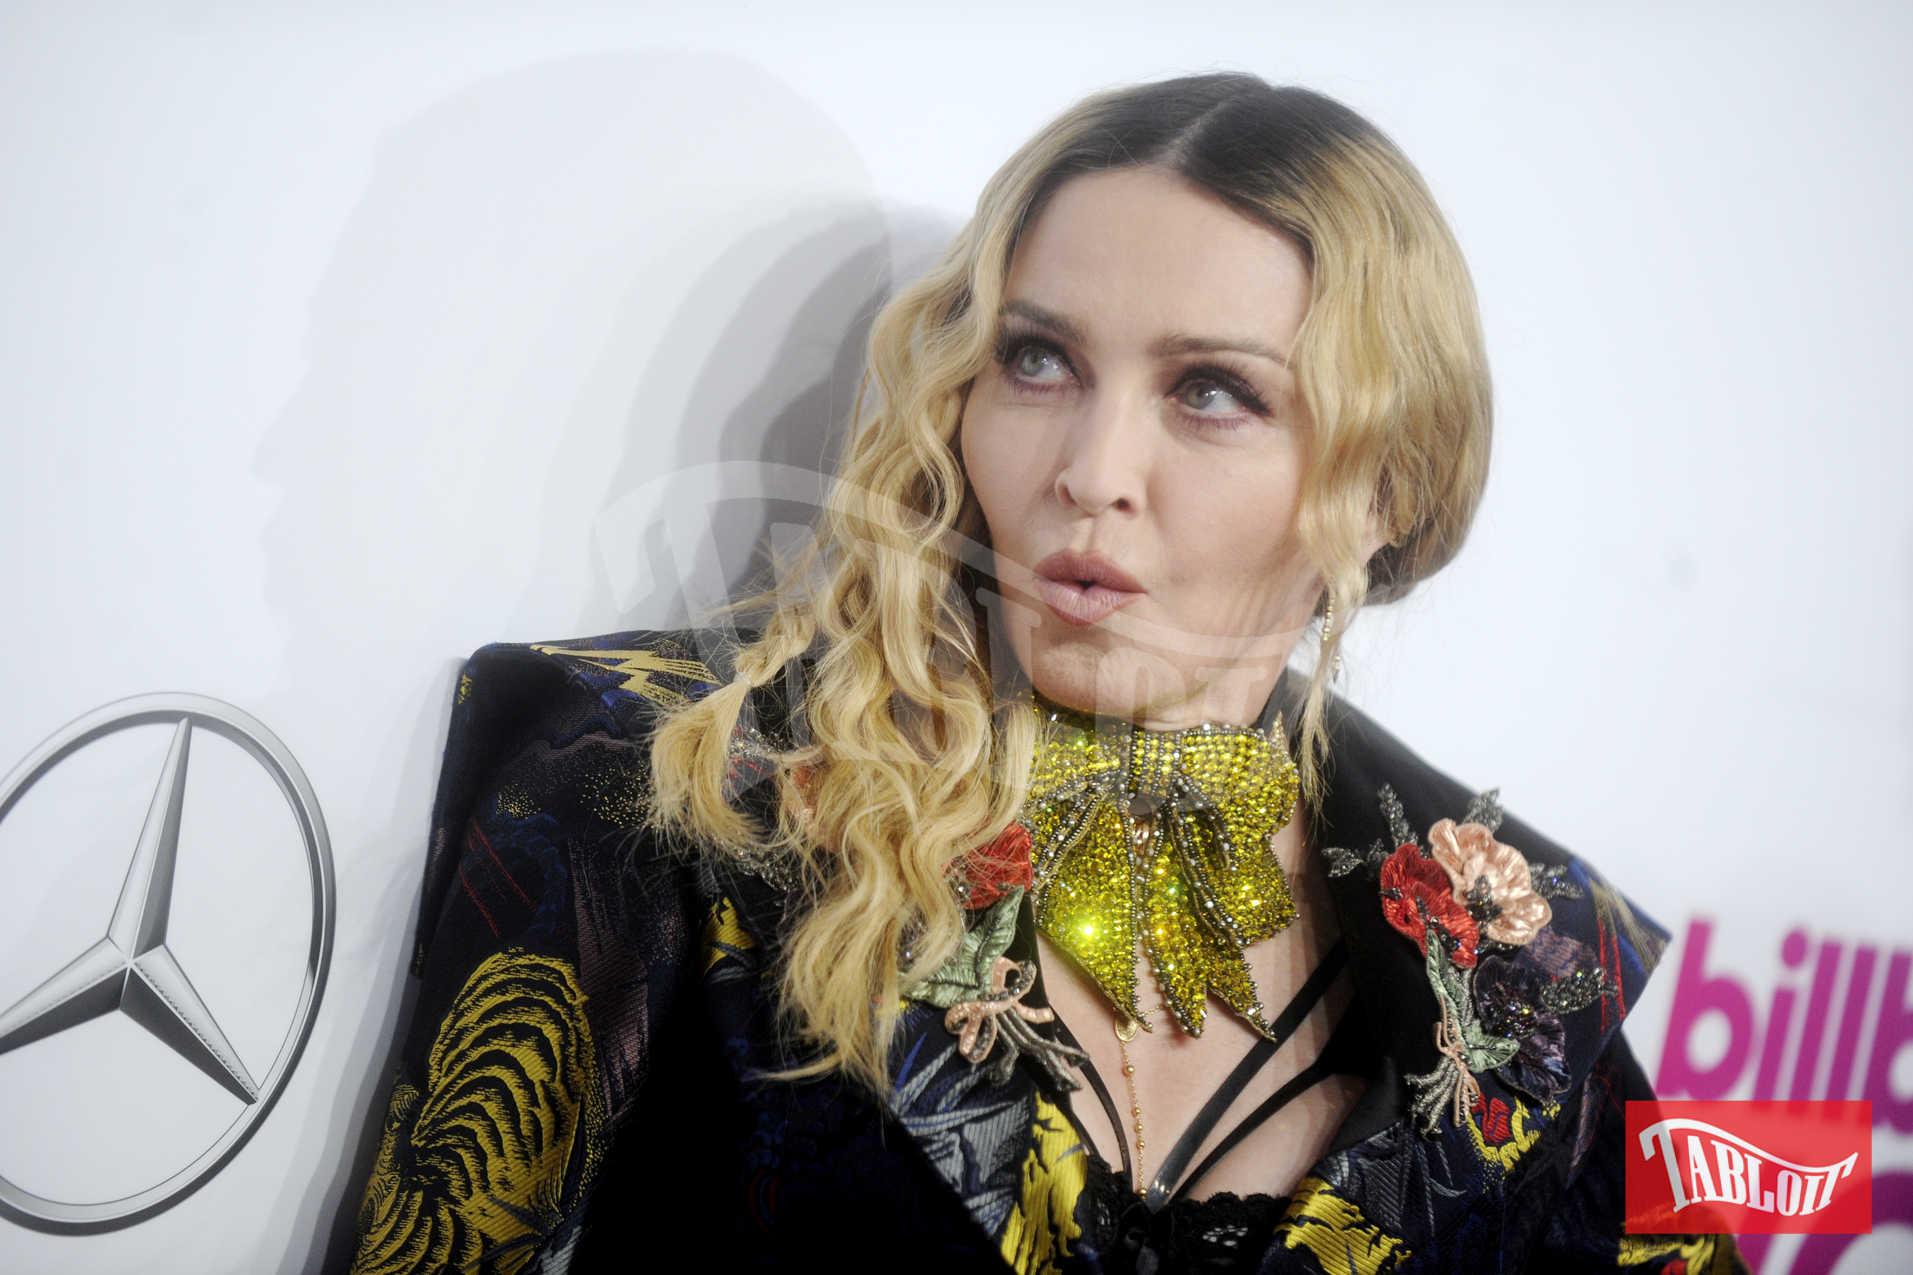 Federico Zampaglione, commento contro Madonna: colpa di un hacker